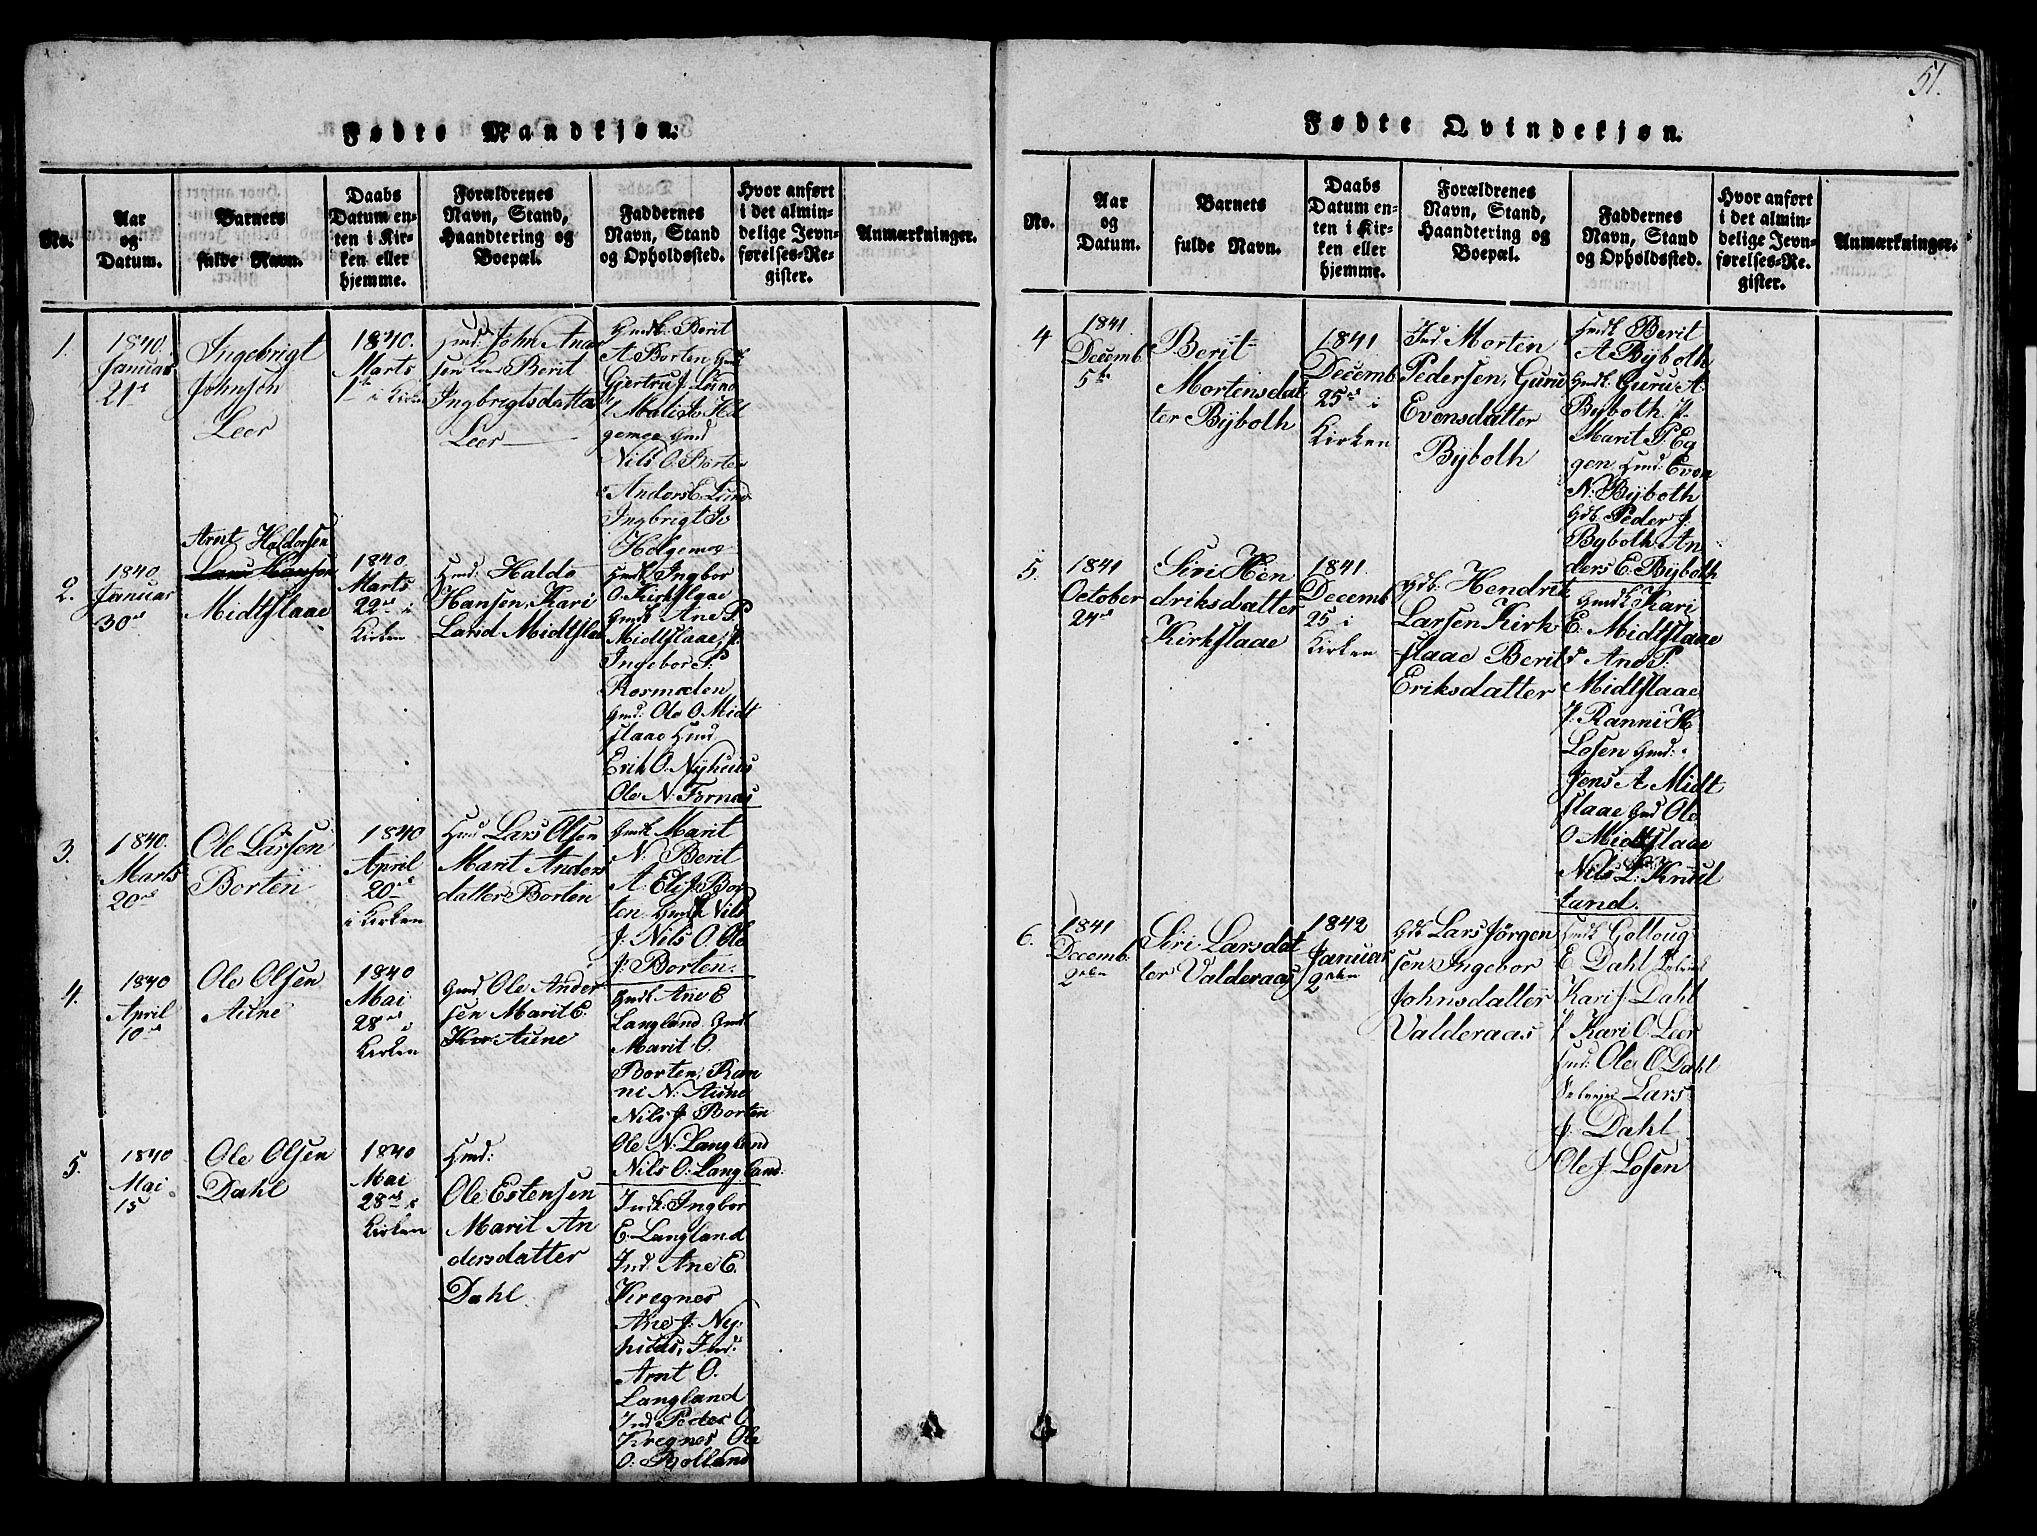 SAT, Ministerialprotokoller, klokkerbøker og fødselsregistre - Sør-Trøndelag, 693/L1121: Klokkerbok nr. 693C02, 1816-1869, s. 51